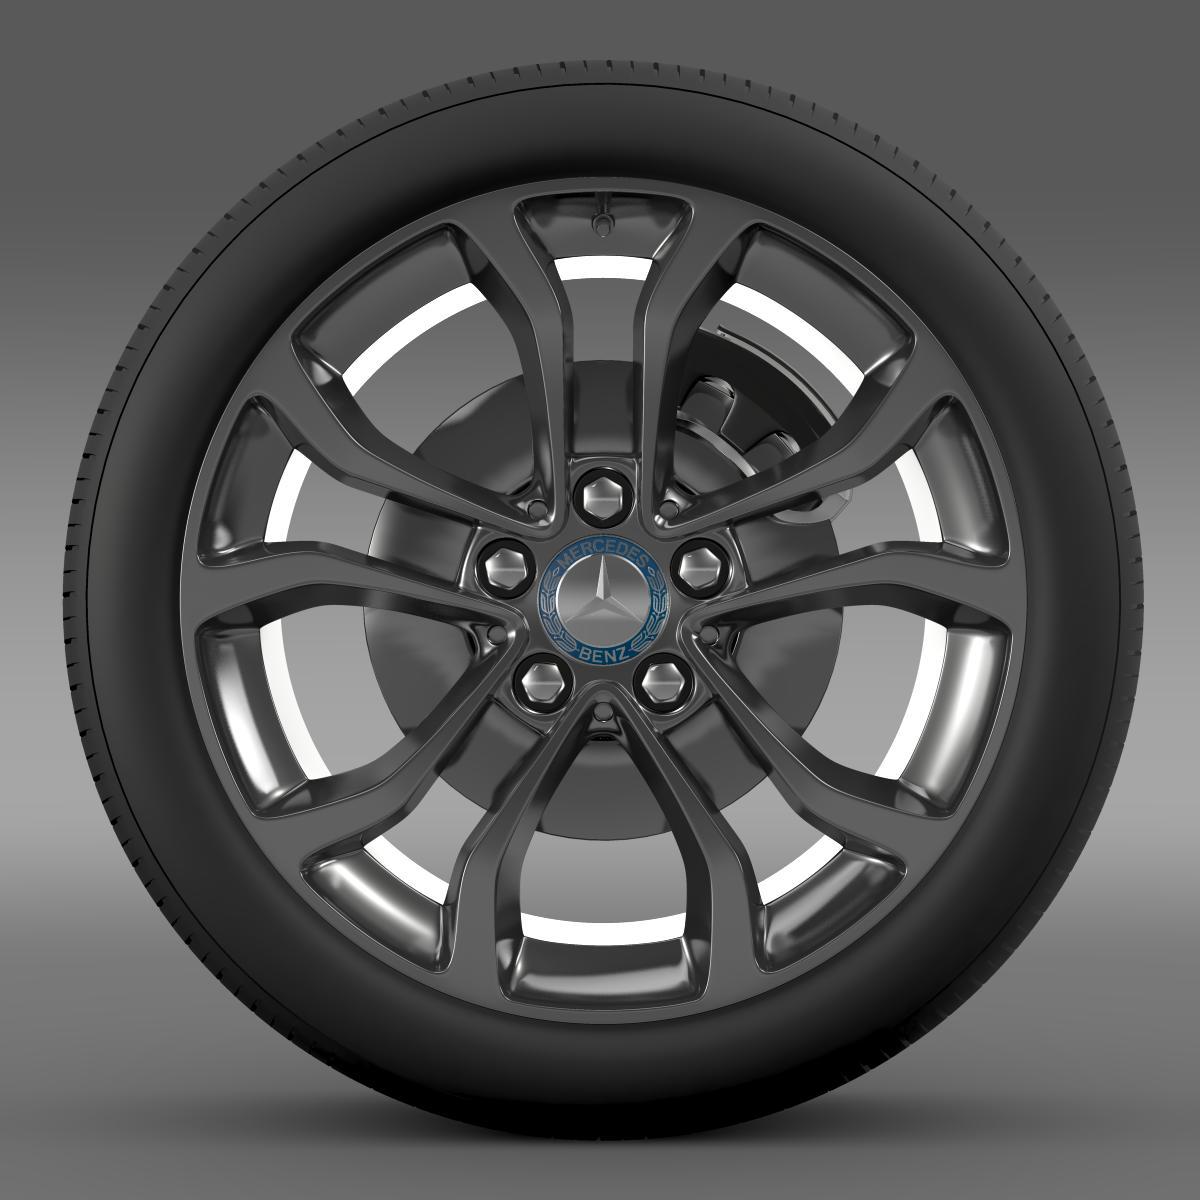 mercedes benz c 220 wheel 3d model 3ds max fbx c4d lwo ma mb hrc xsi obj 210757